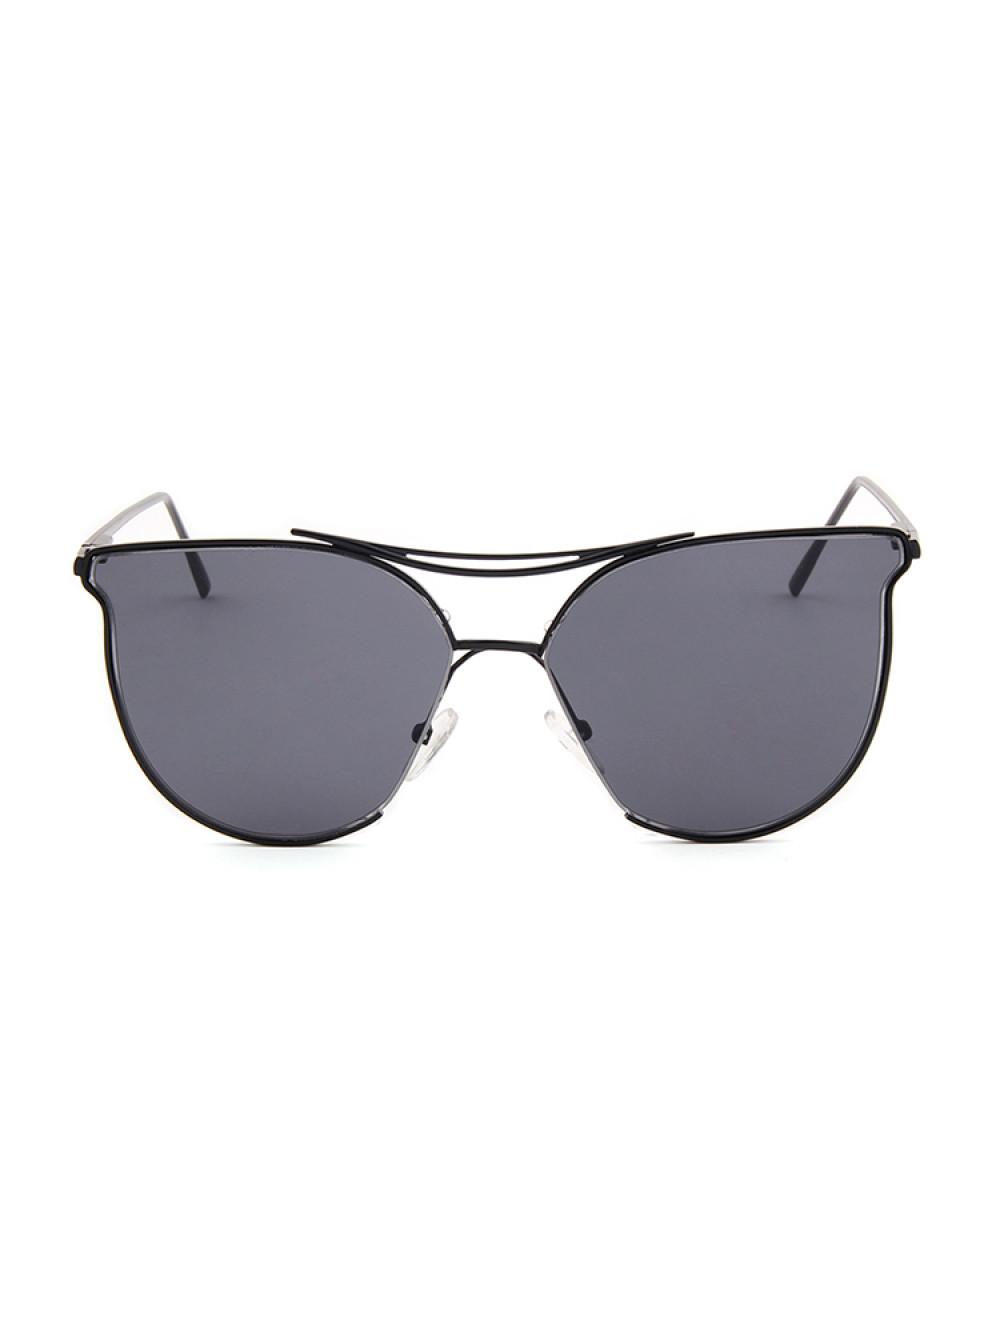 Slnečné okuliare Aviator Lady Black · Slnečné okuliare Aviator Lady Black  ... cdd44f266ca